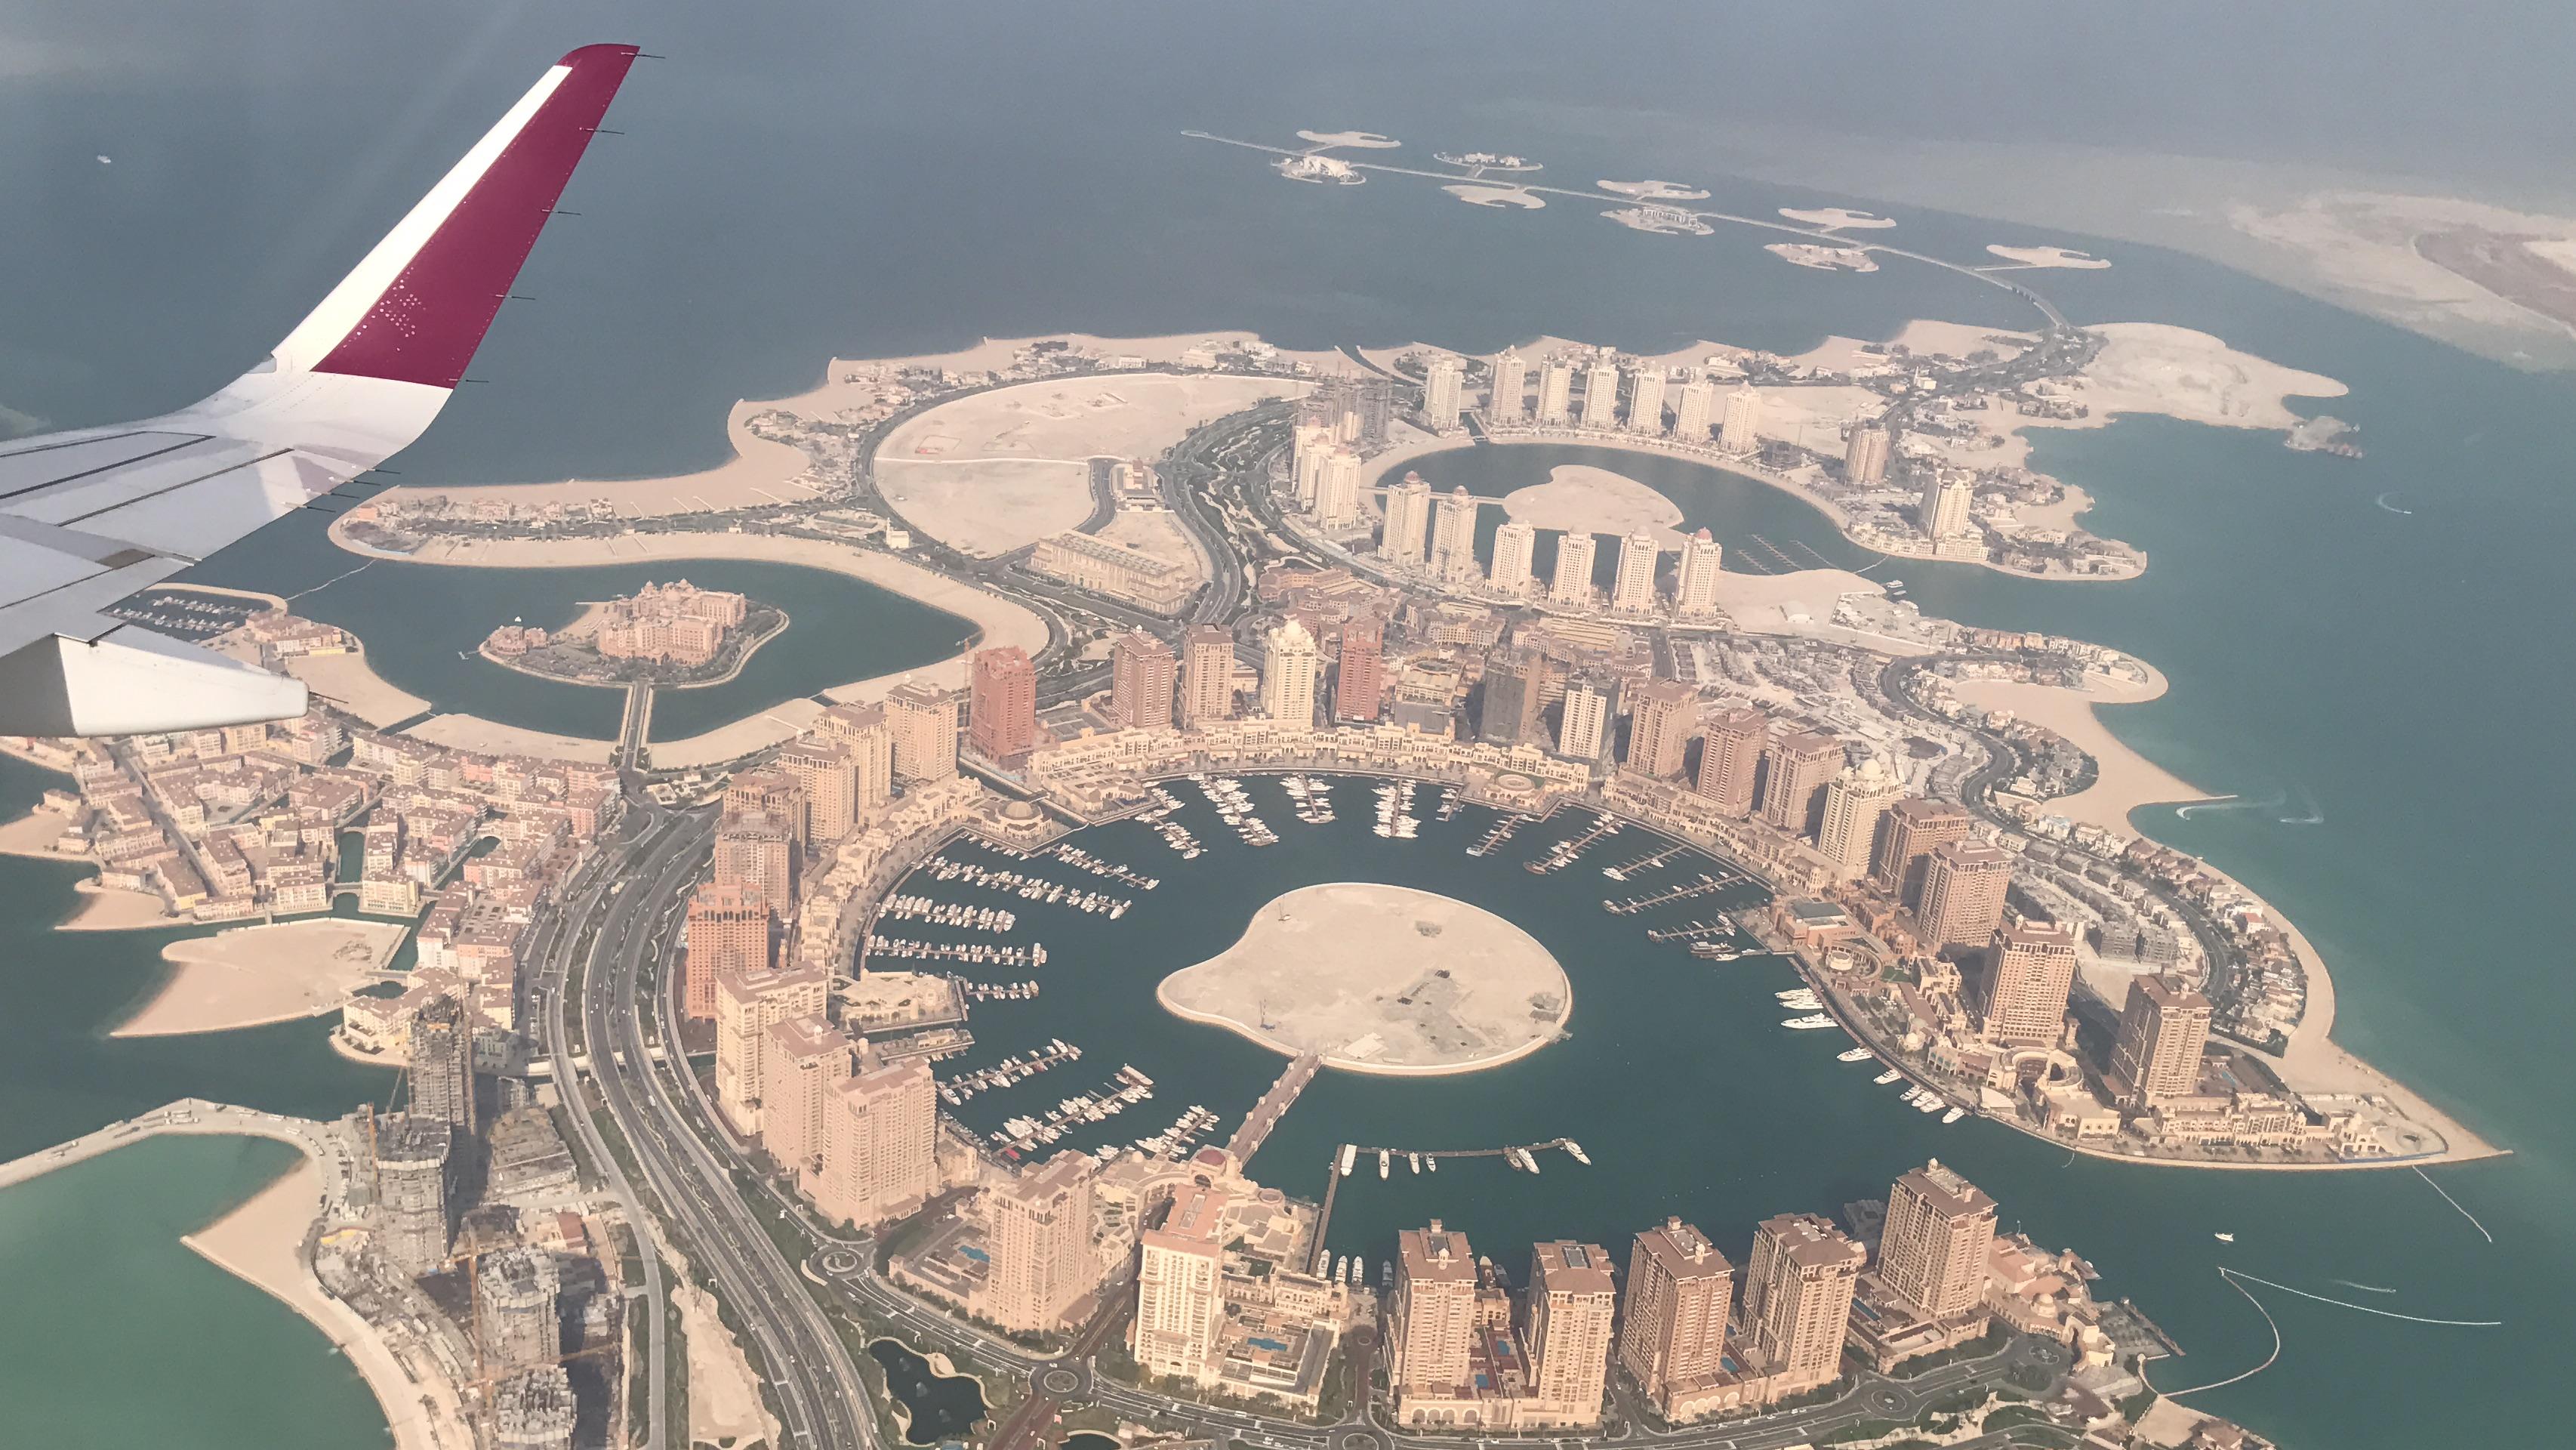 ကန္တာရထဲက မိုးမျှော်တိုက်များနှင့် ချမ်းသာလှသည့် ကာတာနိုင်ငံ (Qatar)